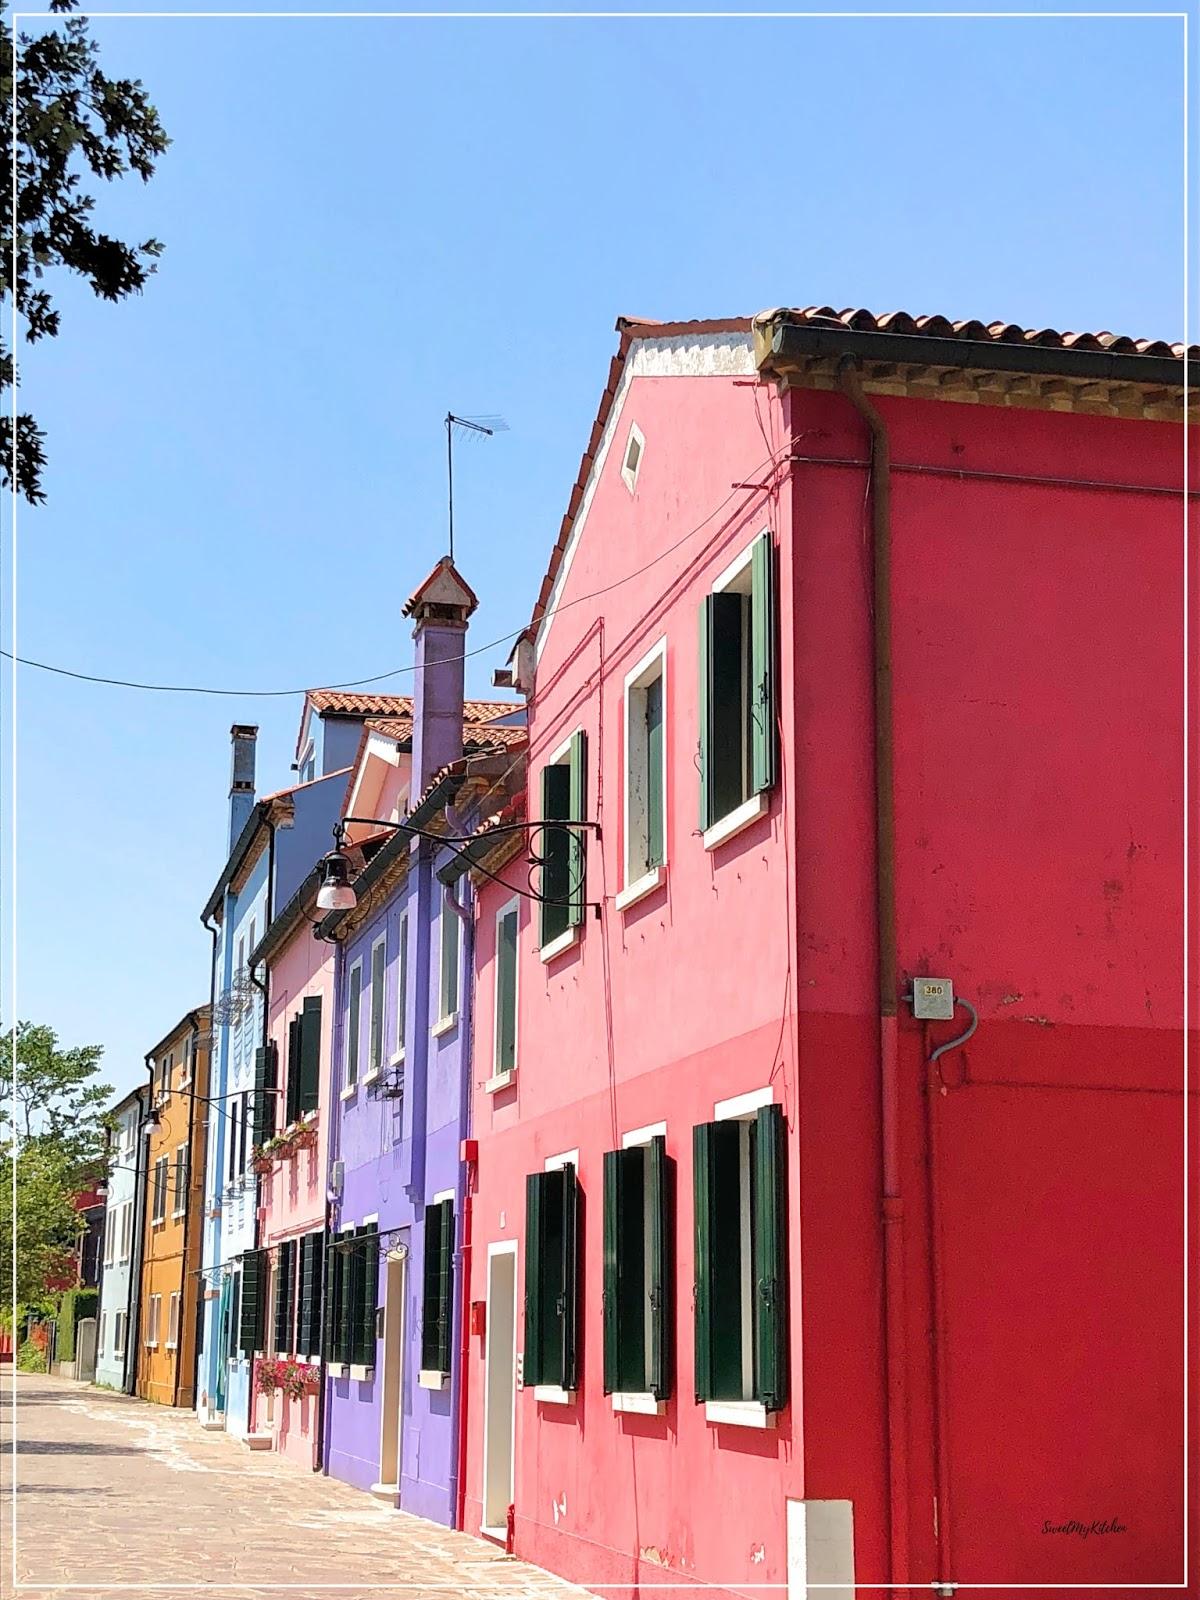 Veneza Murano Burano Torcello